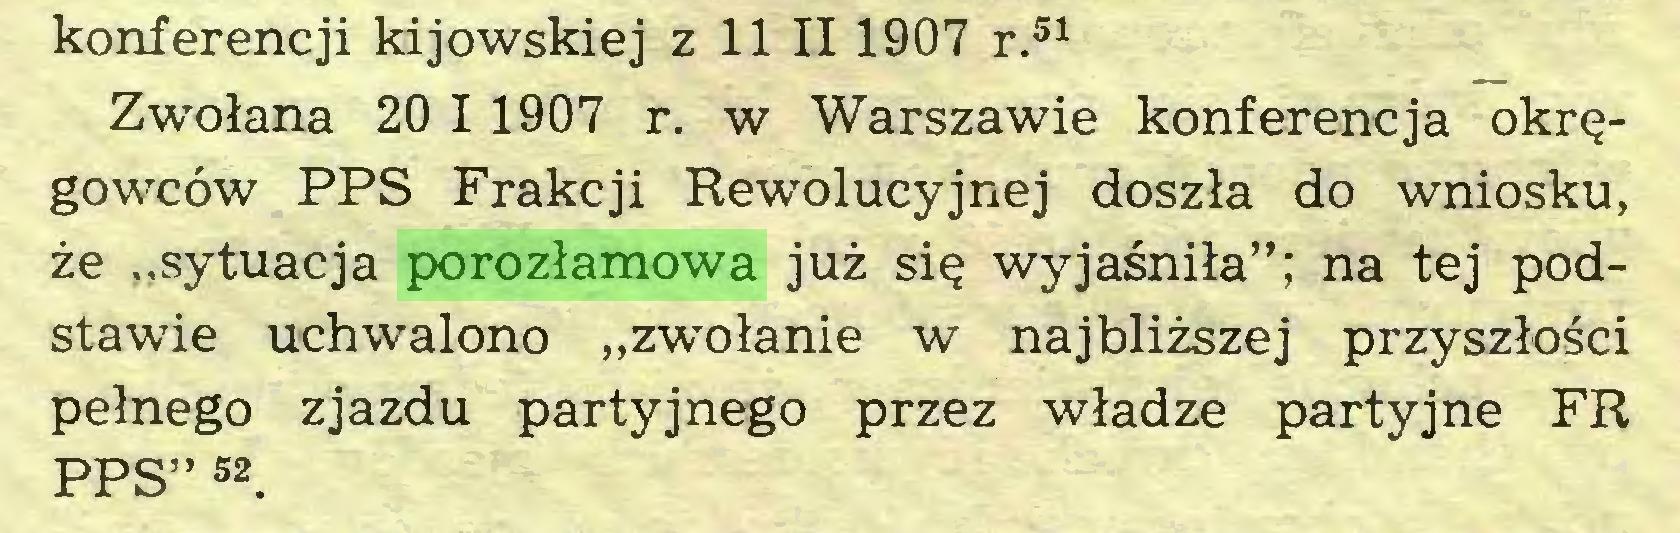 """(...) konferencji kijowskiej z 11 II 1907 r.51 Zwołana 20 I 1907 r. w Warszawie konferencja okręgowców PPS Frakcji Rewolucyjnej doszła do wniosku, że """"sytuacja porozłamowa już się wyjaśniła""""; na tej podstawie uchwalono """"zwołanie w najbliższej przyszłości pełnego zjazdu partyjnego przez władze partyjne FR PPS"""" 52 * * * * *..."""